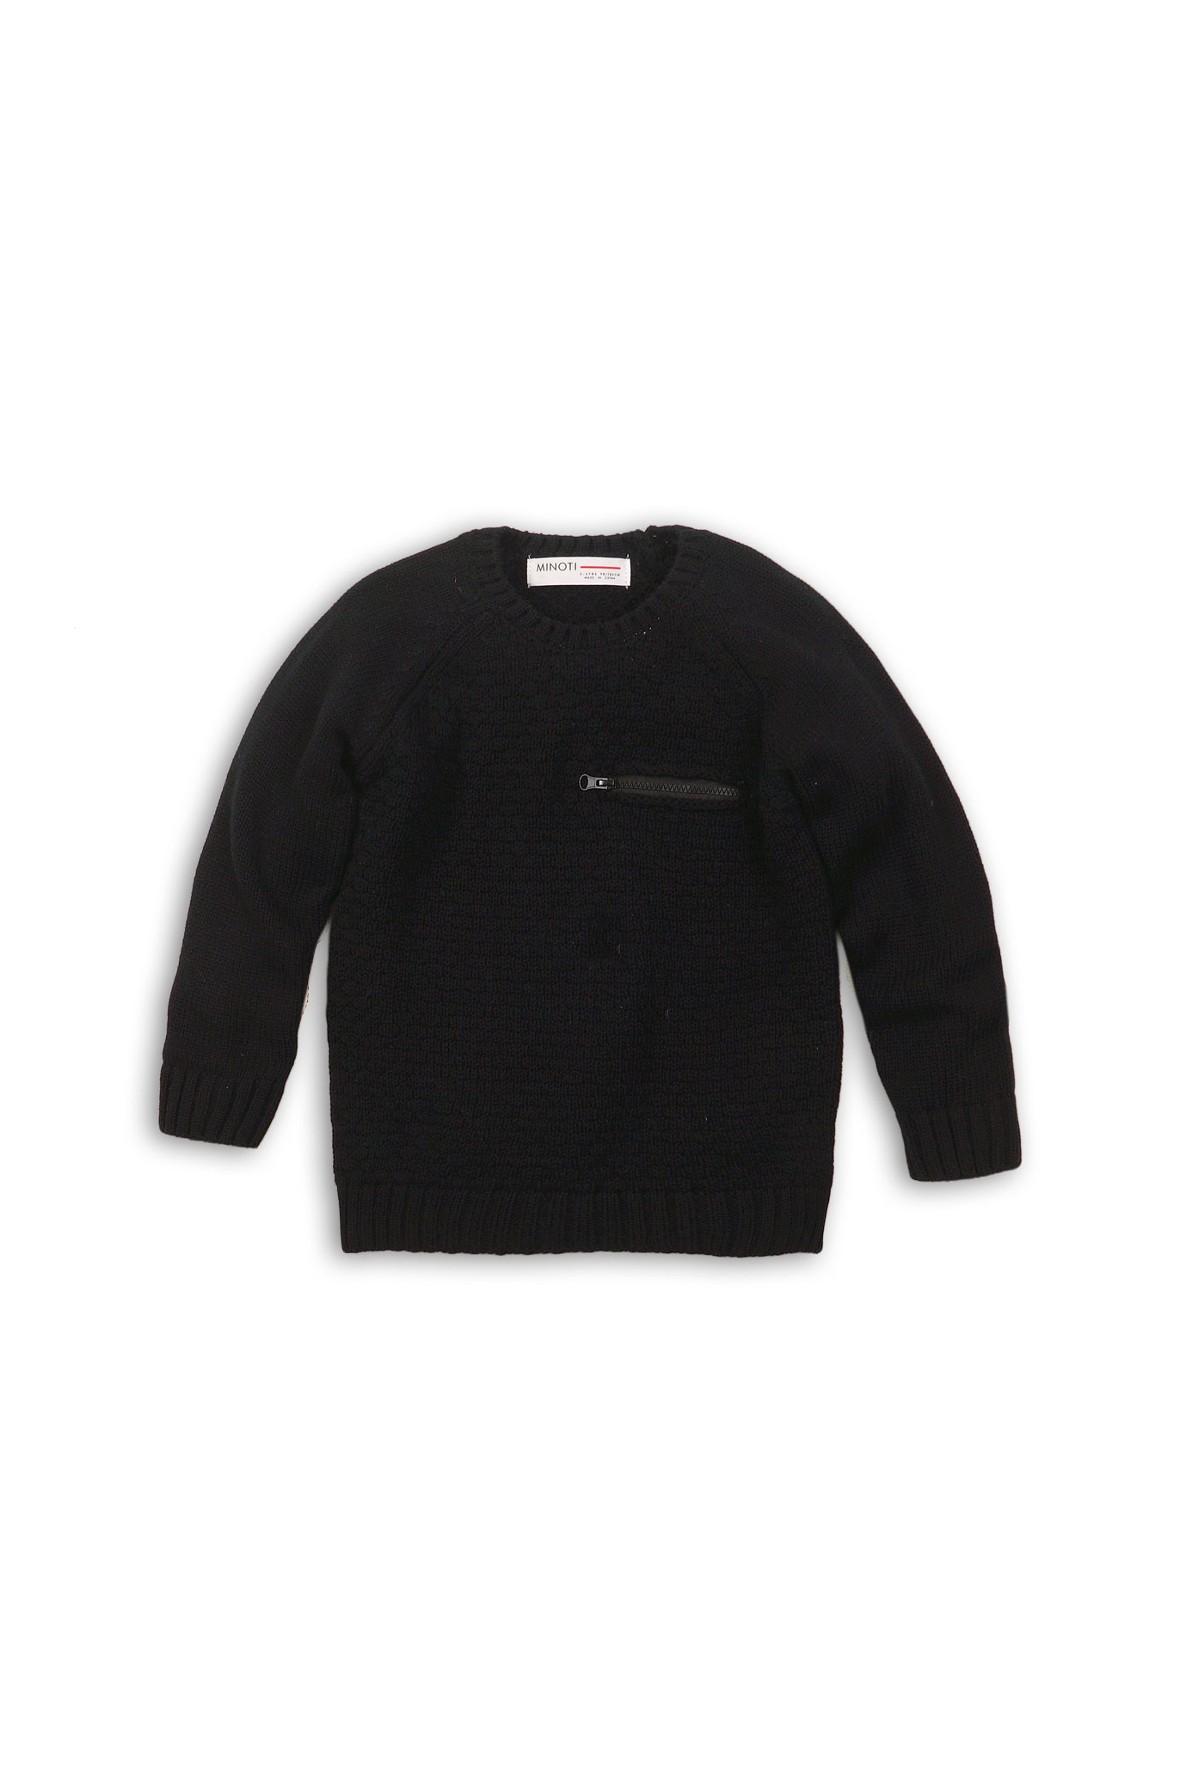 Bluza chłopięca 100% bawełna